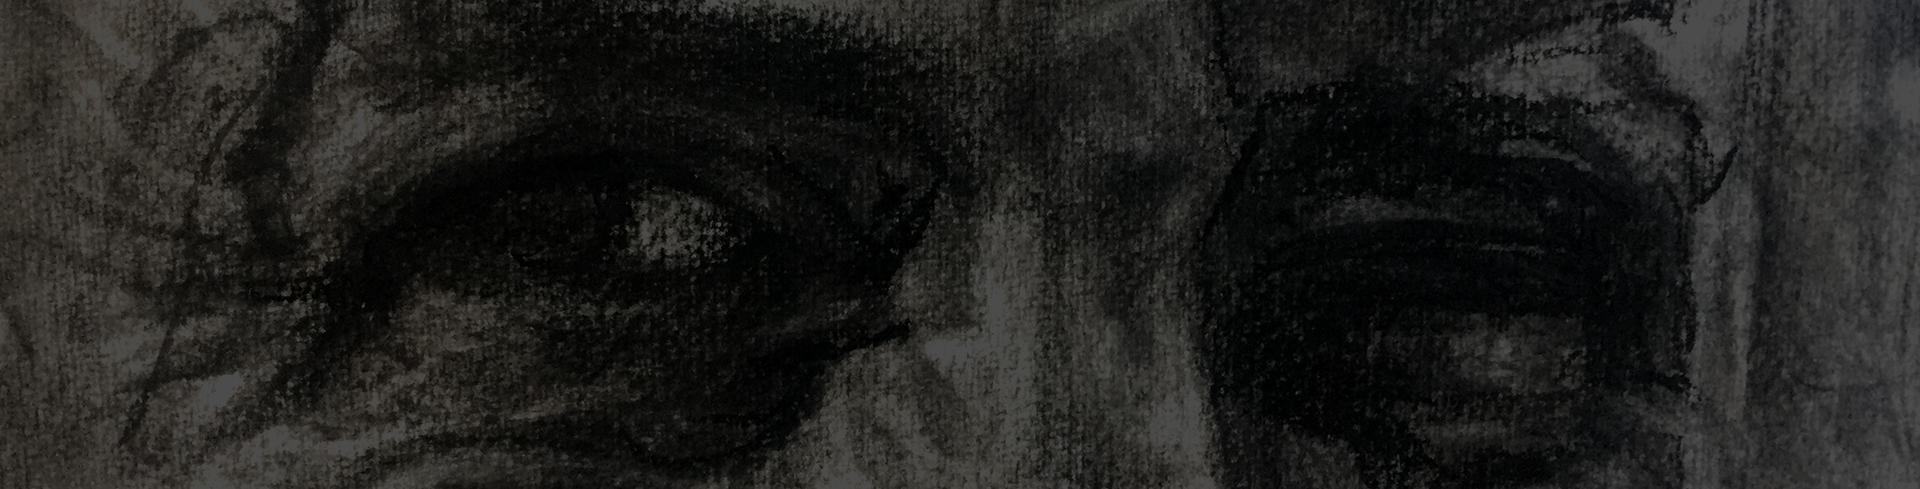 banner 01.jpg